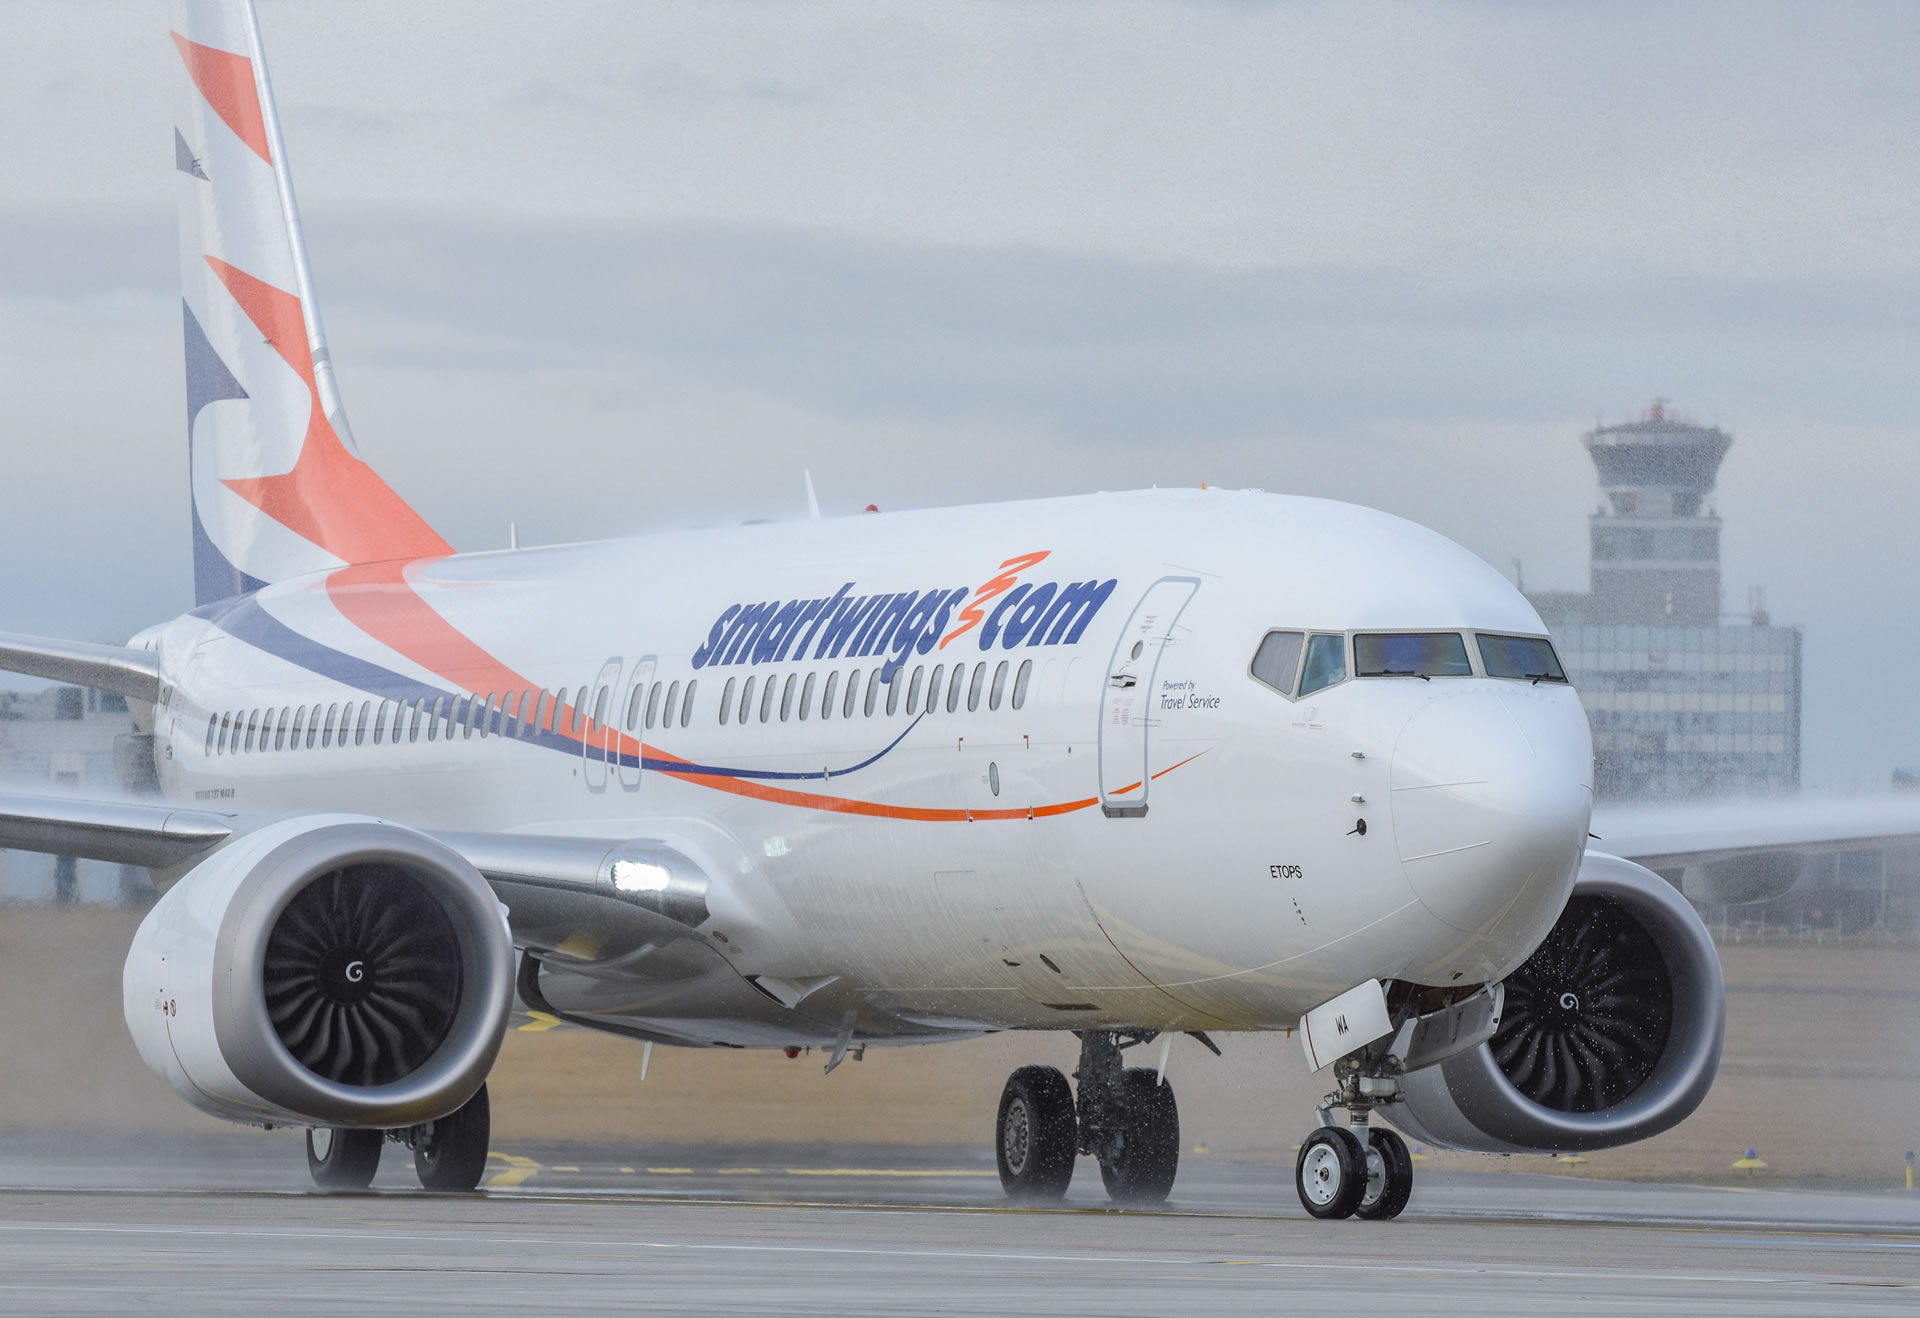 Při pojíždění k dráze v Ruzyni do sebe narazily dva Boeingy 737